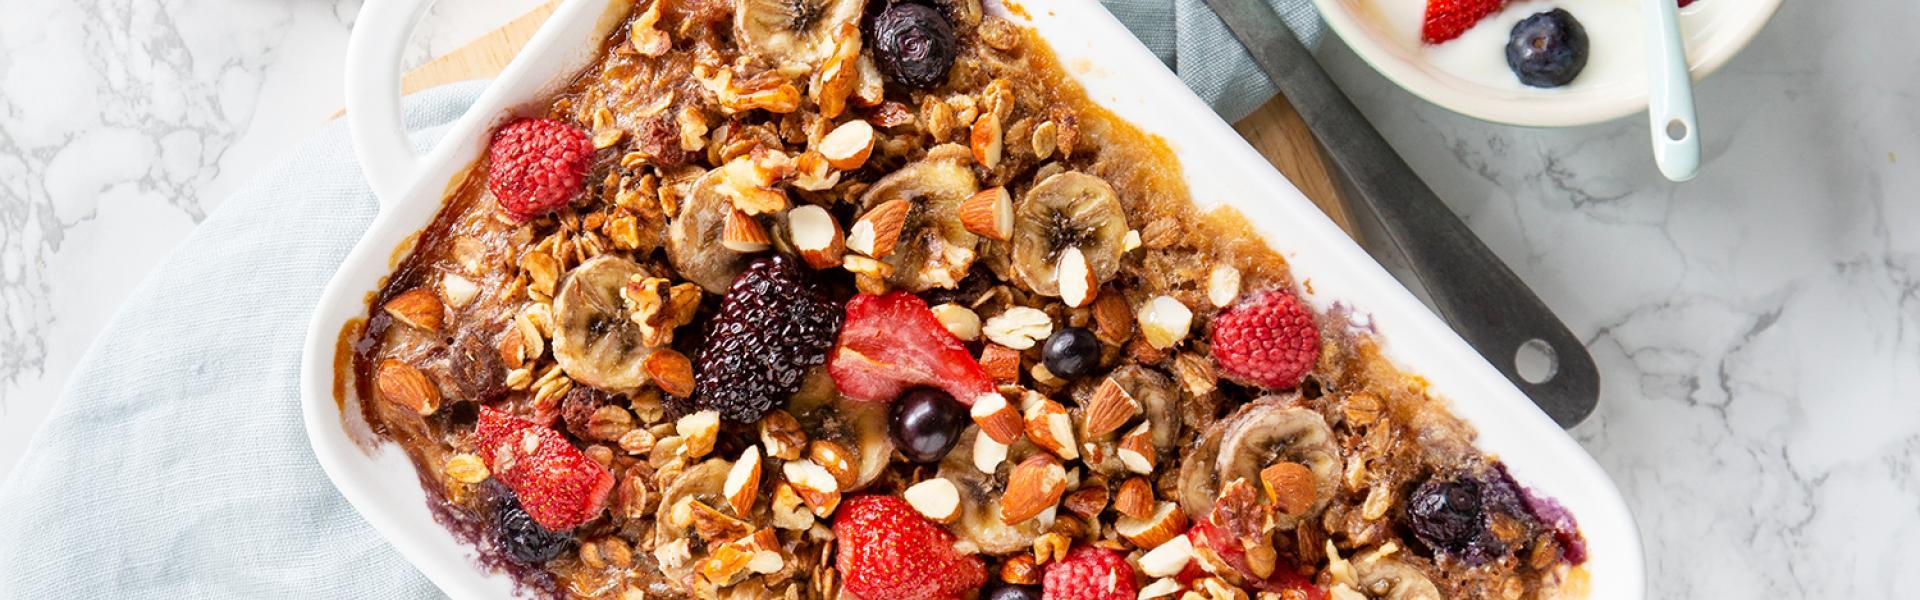 Frühstücksuaflauf steht in der Form auf einem Tisch. Daneben Joghurt und Beeren.